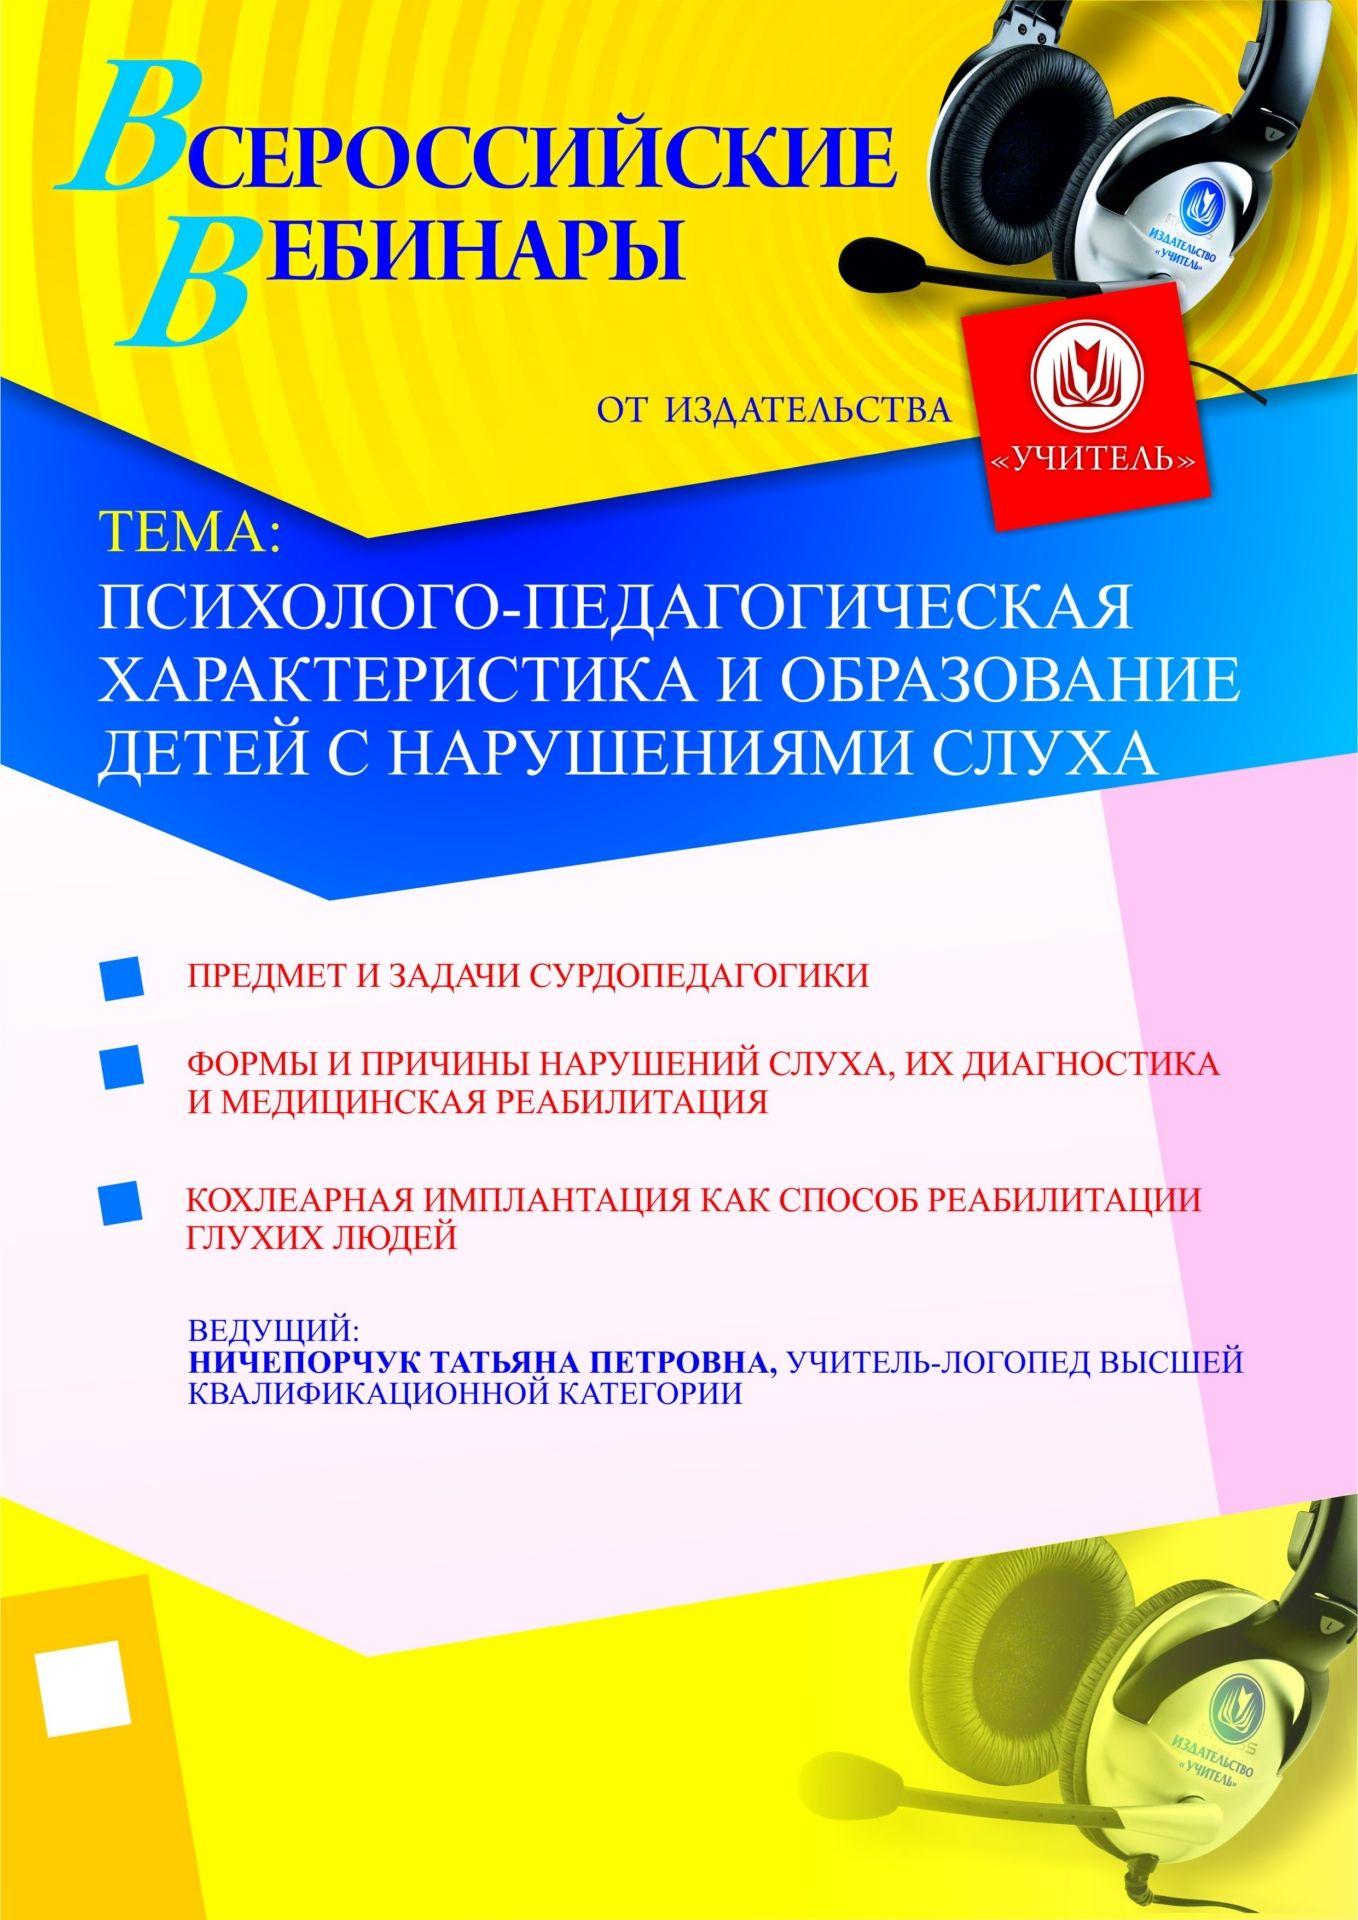 Психолого-педагогическая характеристика и образование детей с нарушениями слуха фото